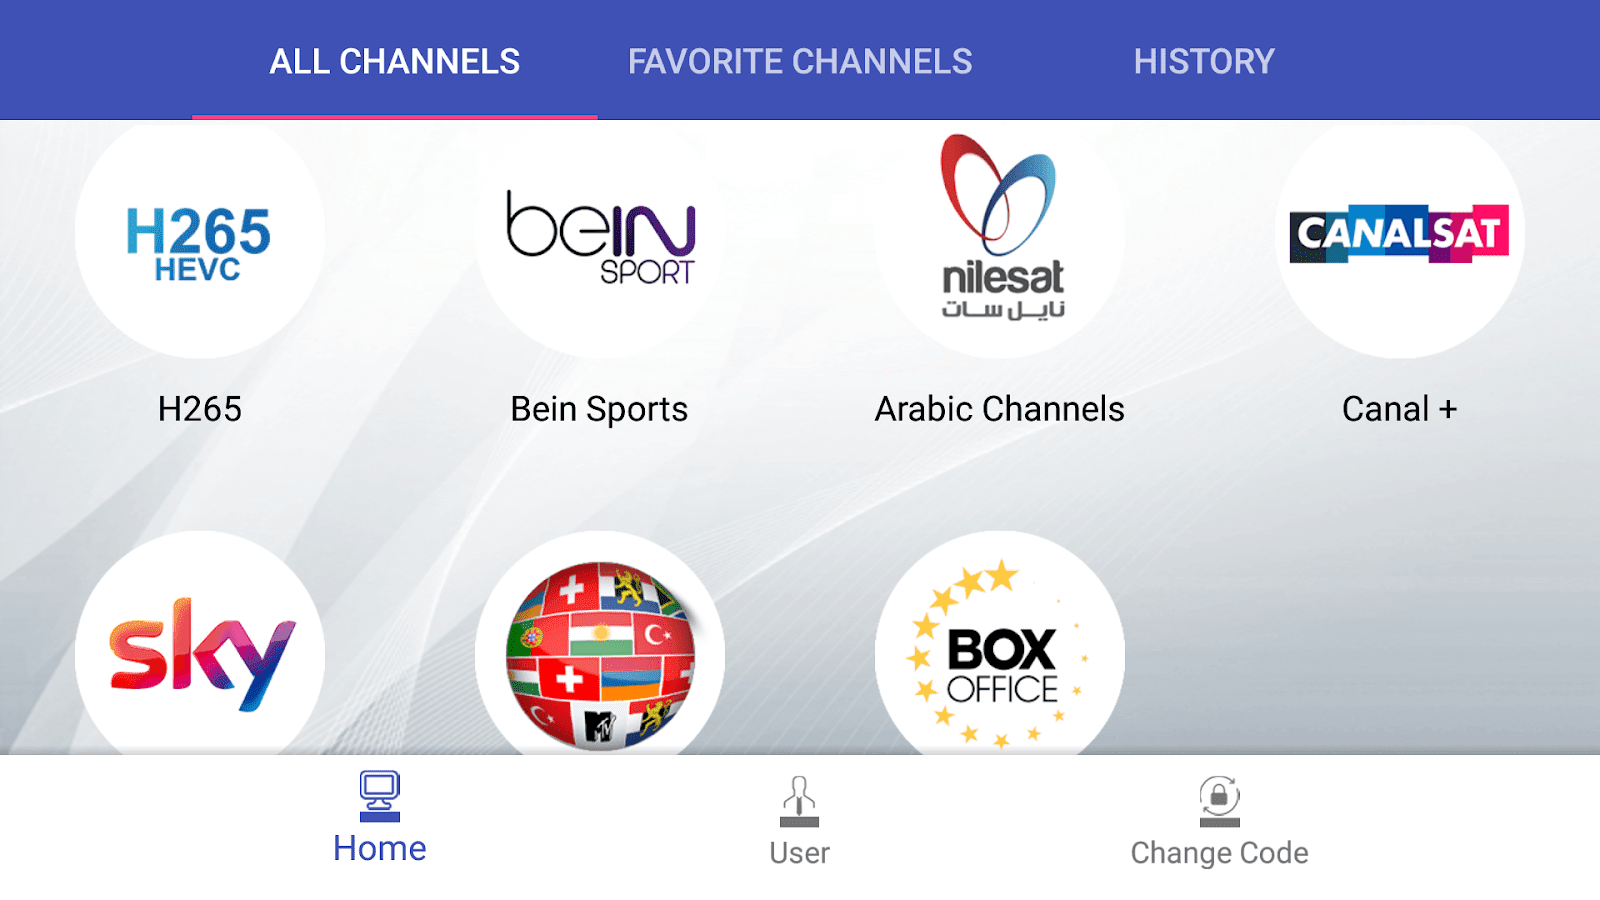 تحميل تطبيق VolkaPro 2 للأندرويد لمشاهدة قنواة Bein sports